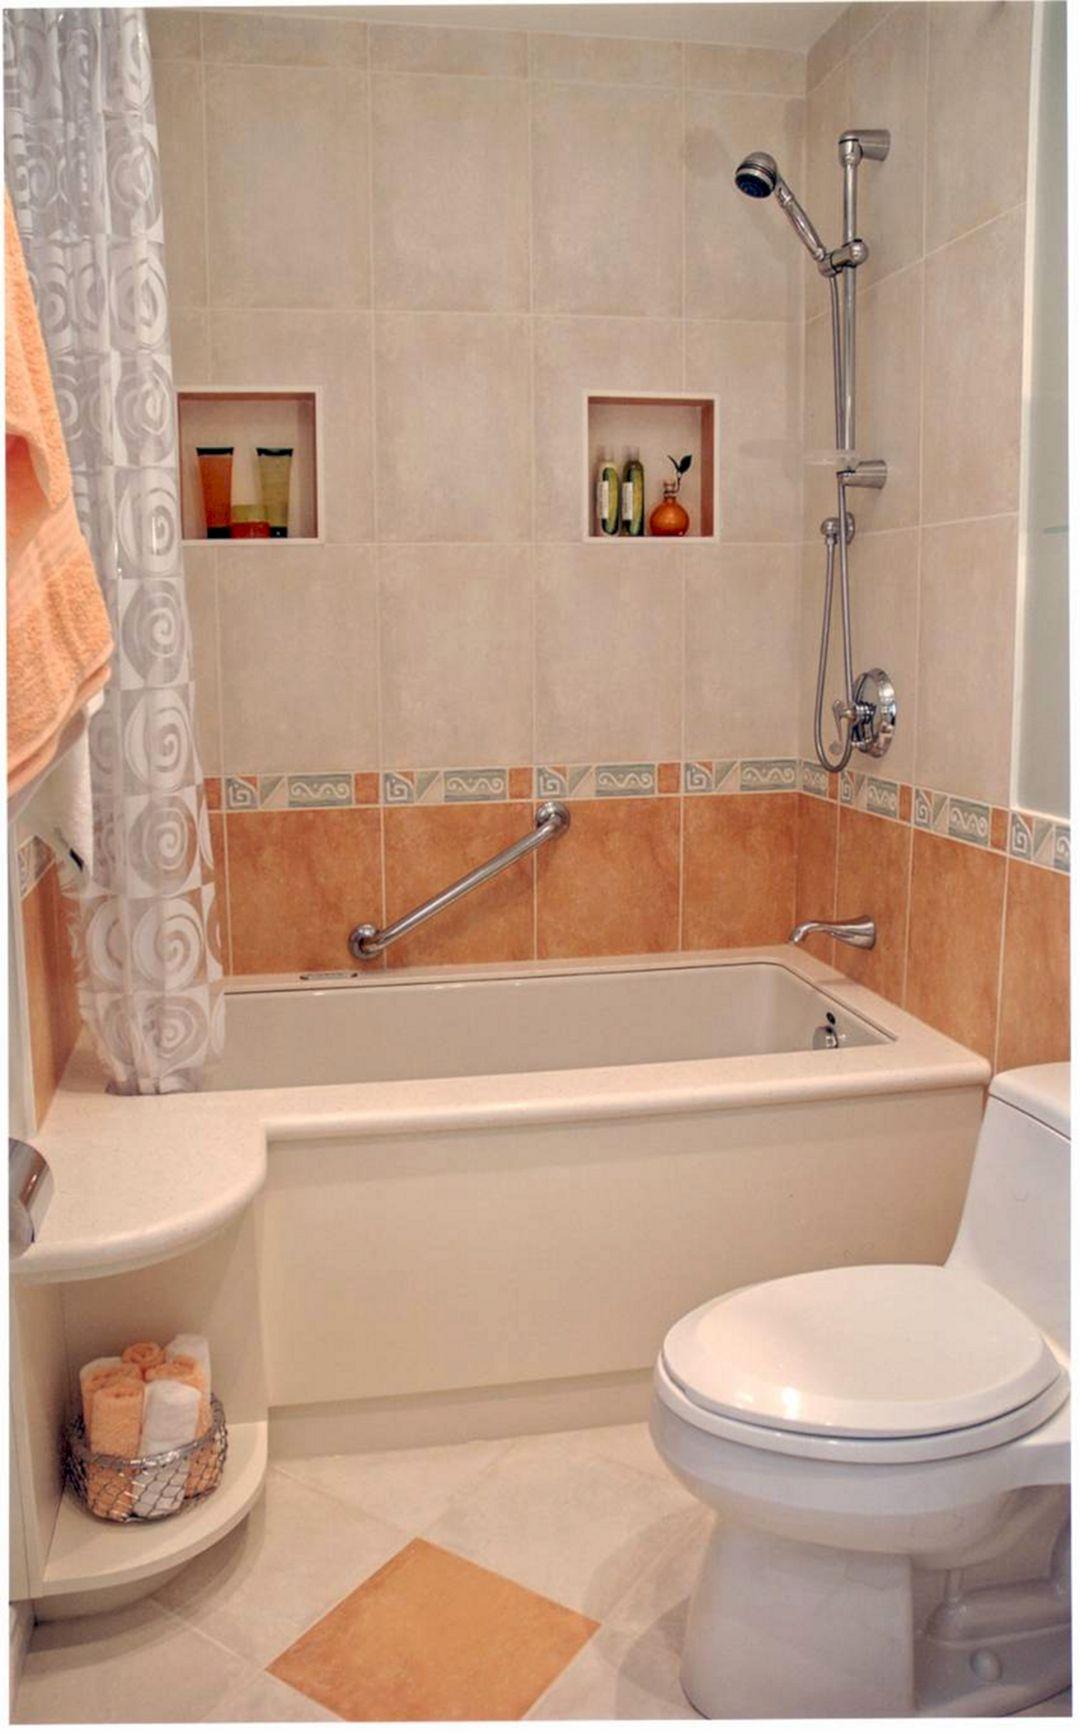 Bathtub Small Bathroom Design Ideas Bathtub Small